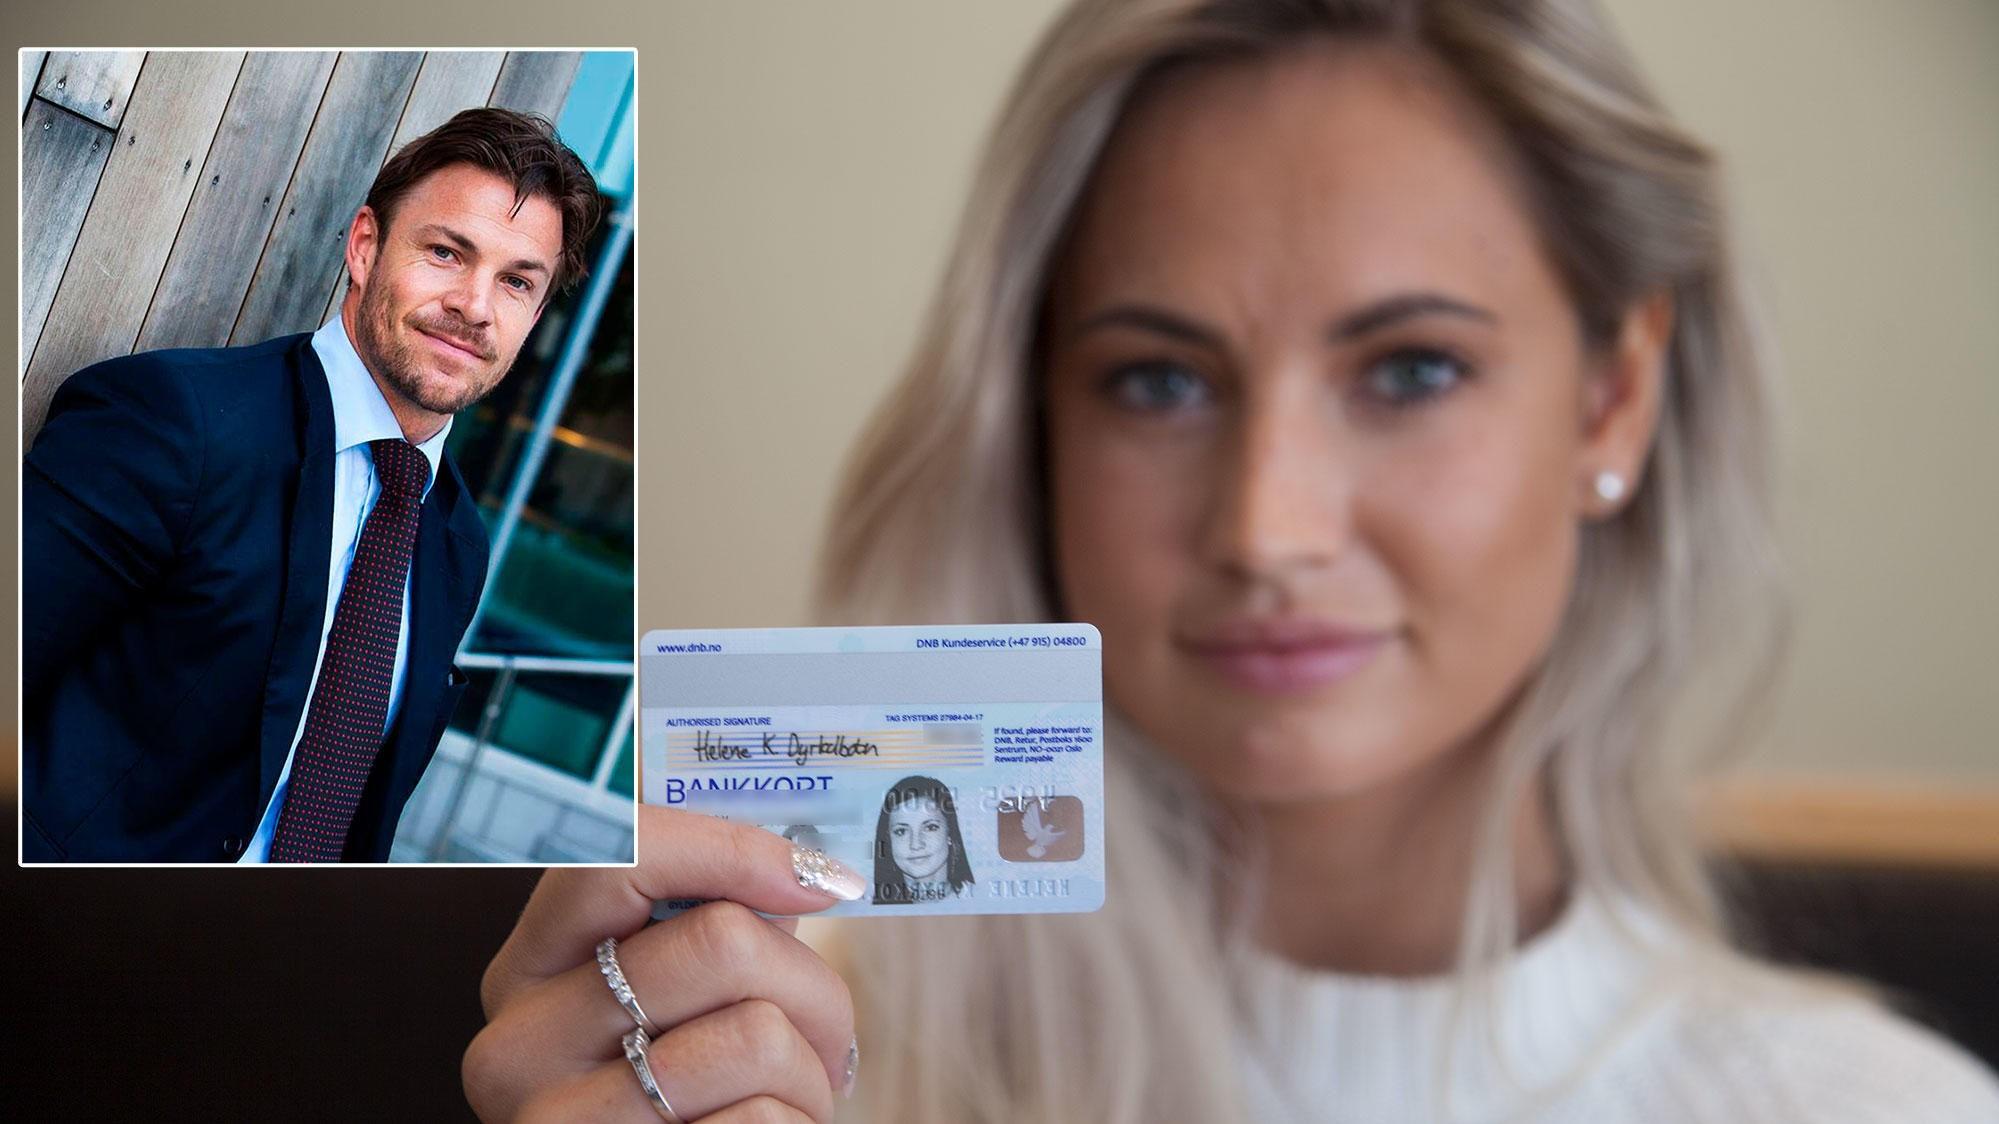 Personen på et bankkort kan være nærmest hvem som helst etter hvert som årene går. Sikkerhetseksperten Kjell-Ola Kleiven mener bankkortene er ubrukelige som legitimasjon.